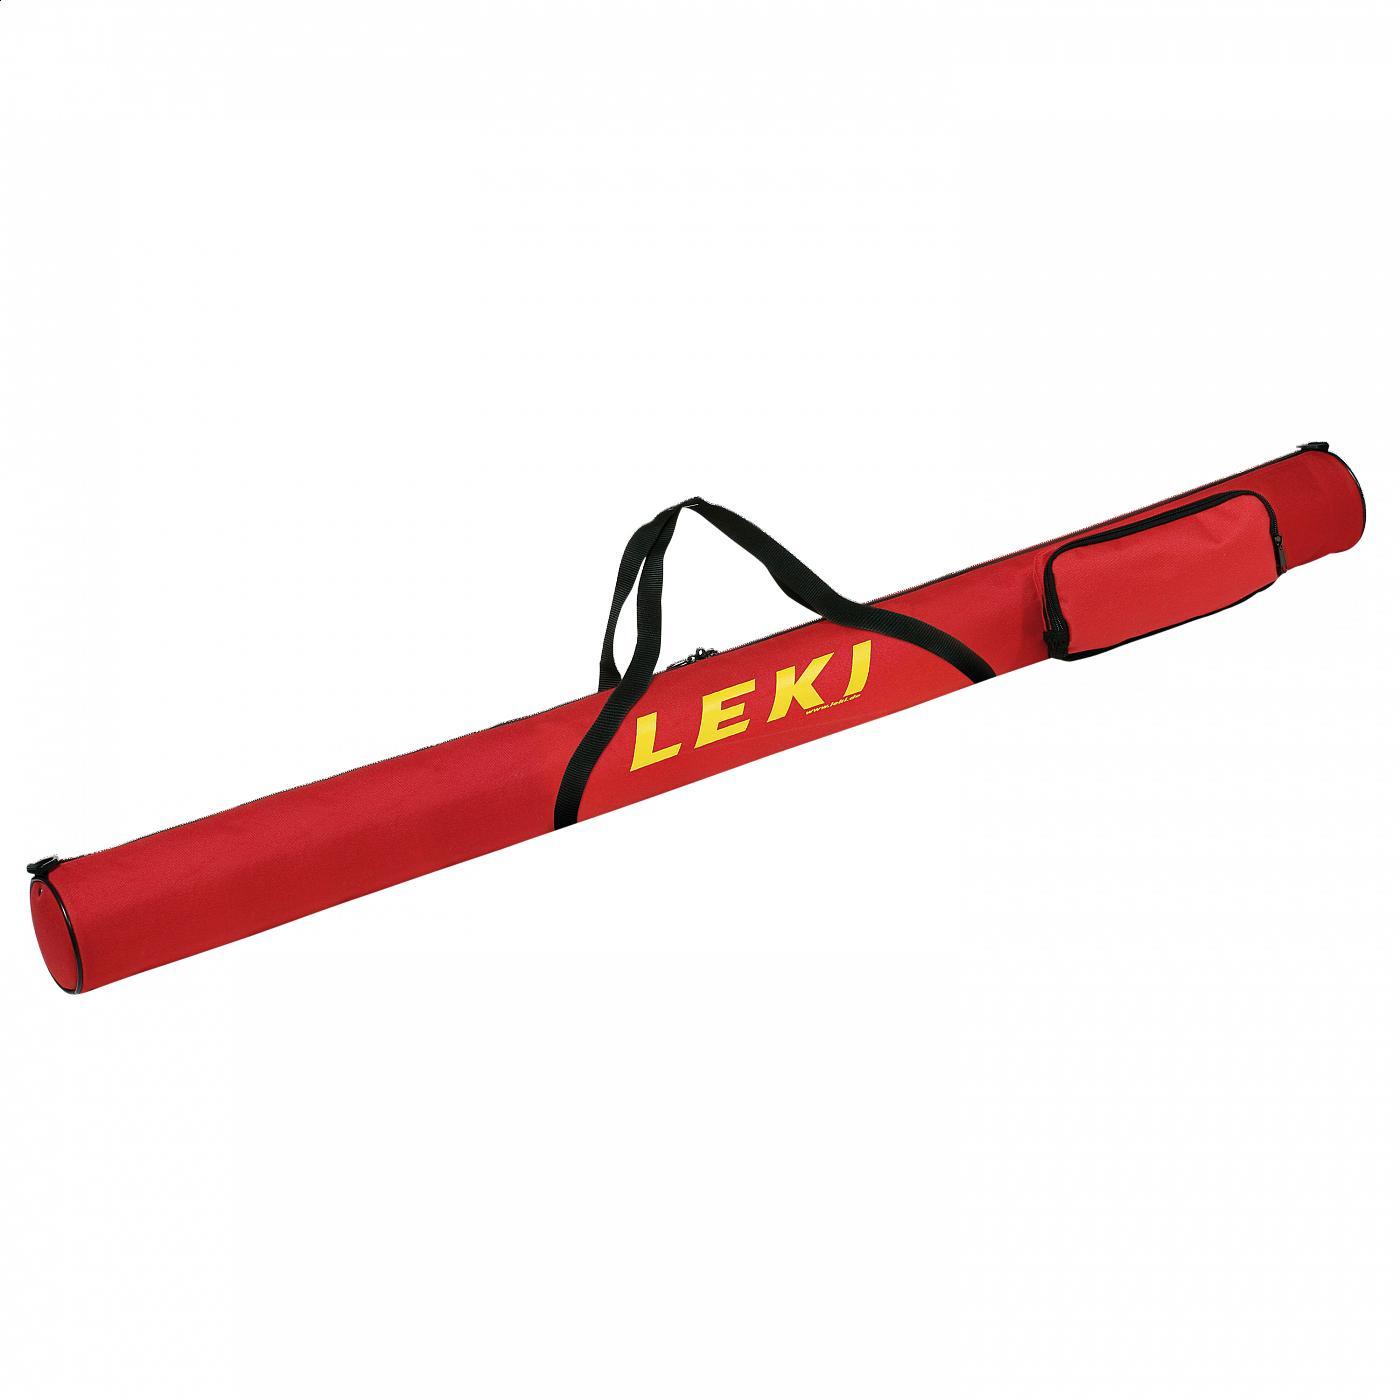 Leki - Trainer Pole bag